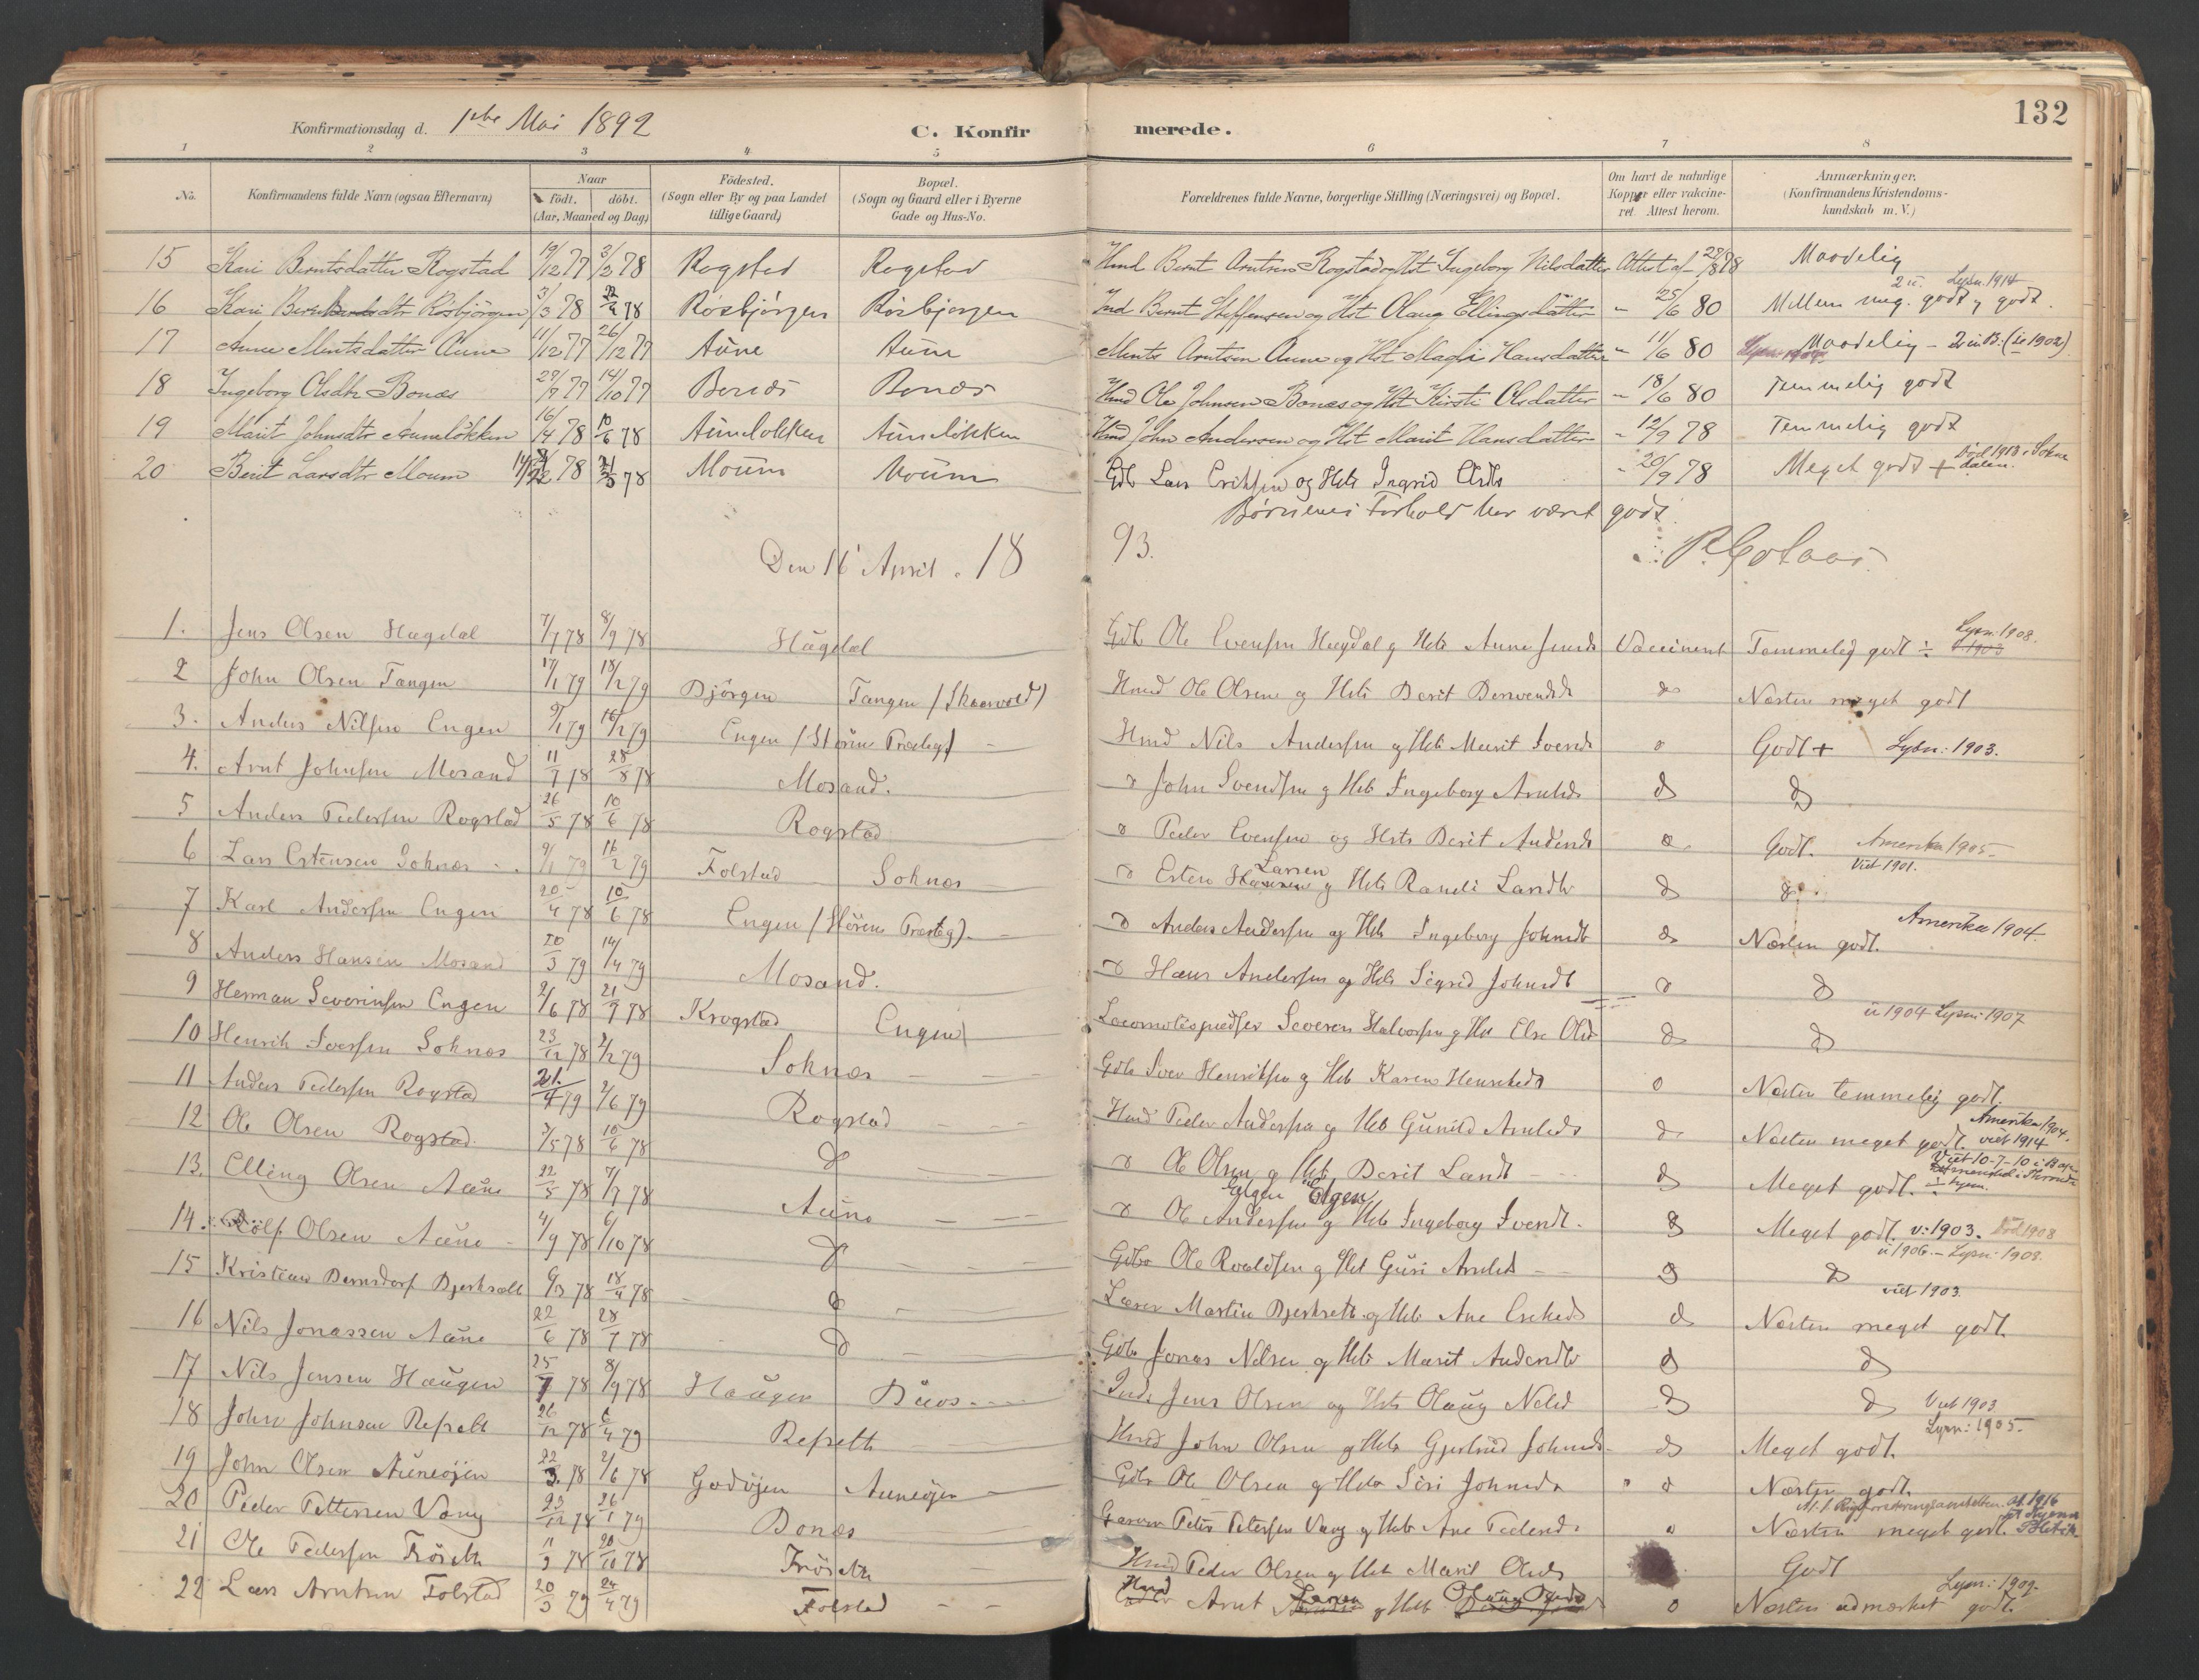 SAT, Ministerialprotokoller, klokkerbøker og fødselsregistre - Sør-Trøndelag, 687/L1004: Ministerialbok nr. 687A10, 1891-1923, s. 132